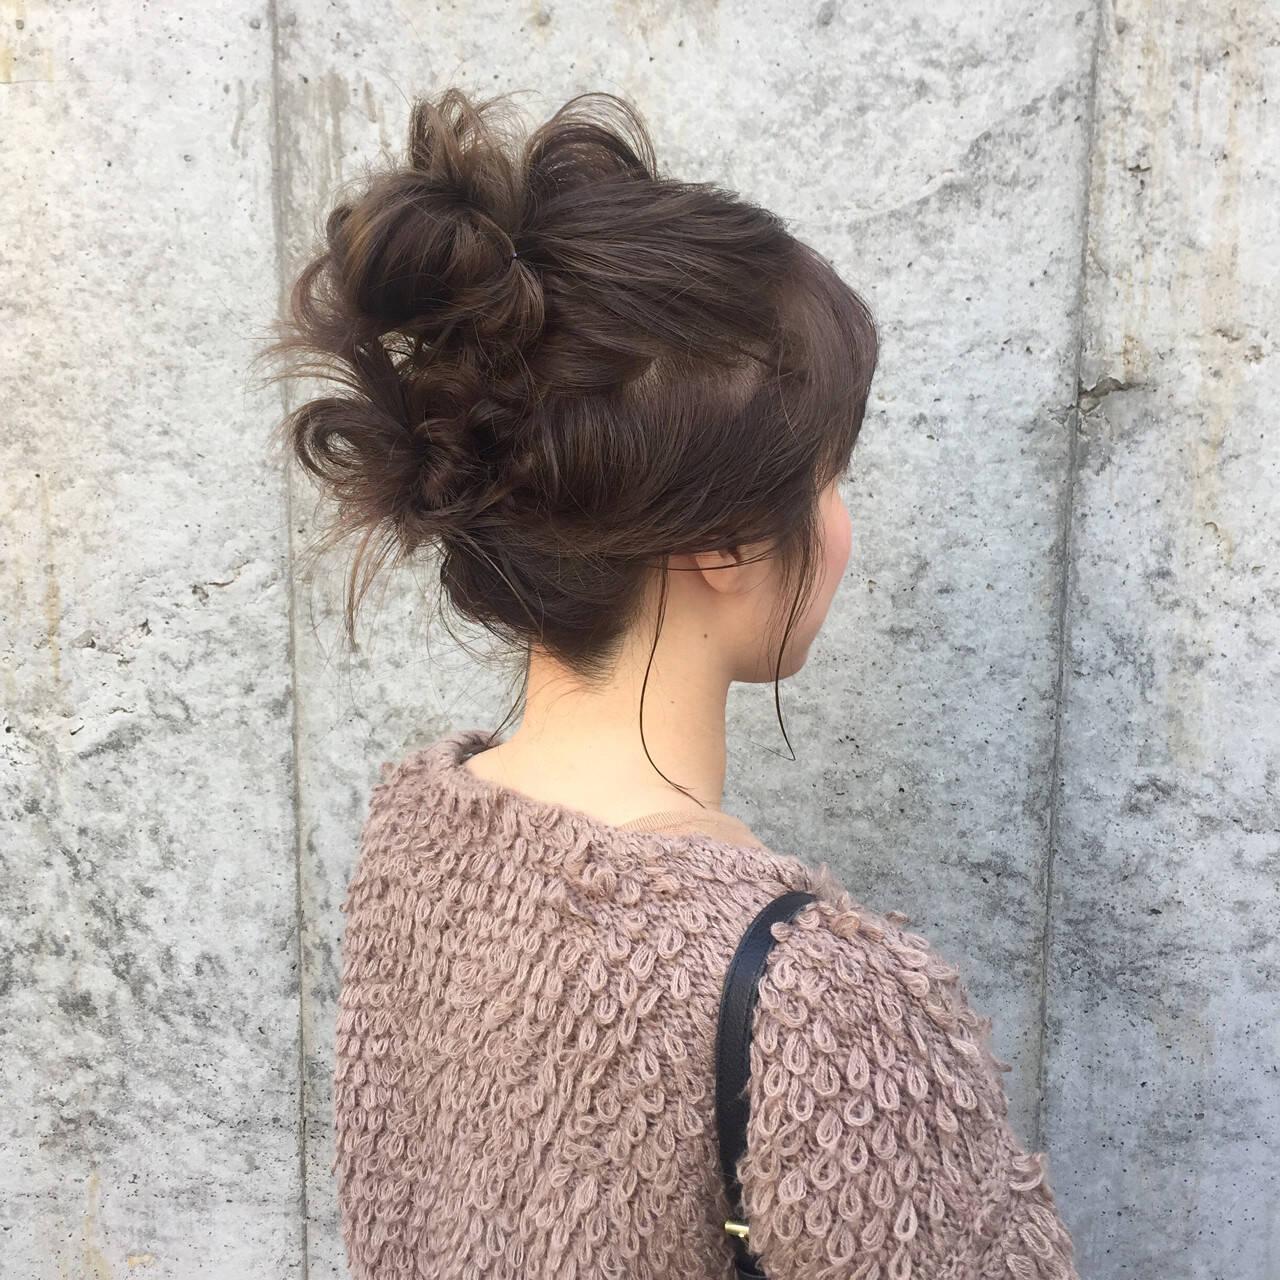 ヘアアレンジ お団子 セミロングヘアスタイルや髪型の写真・画像